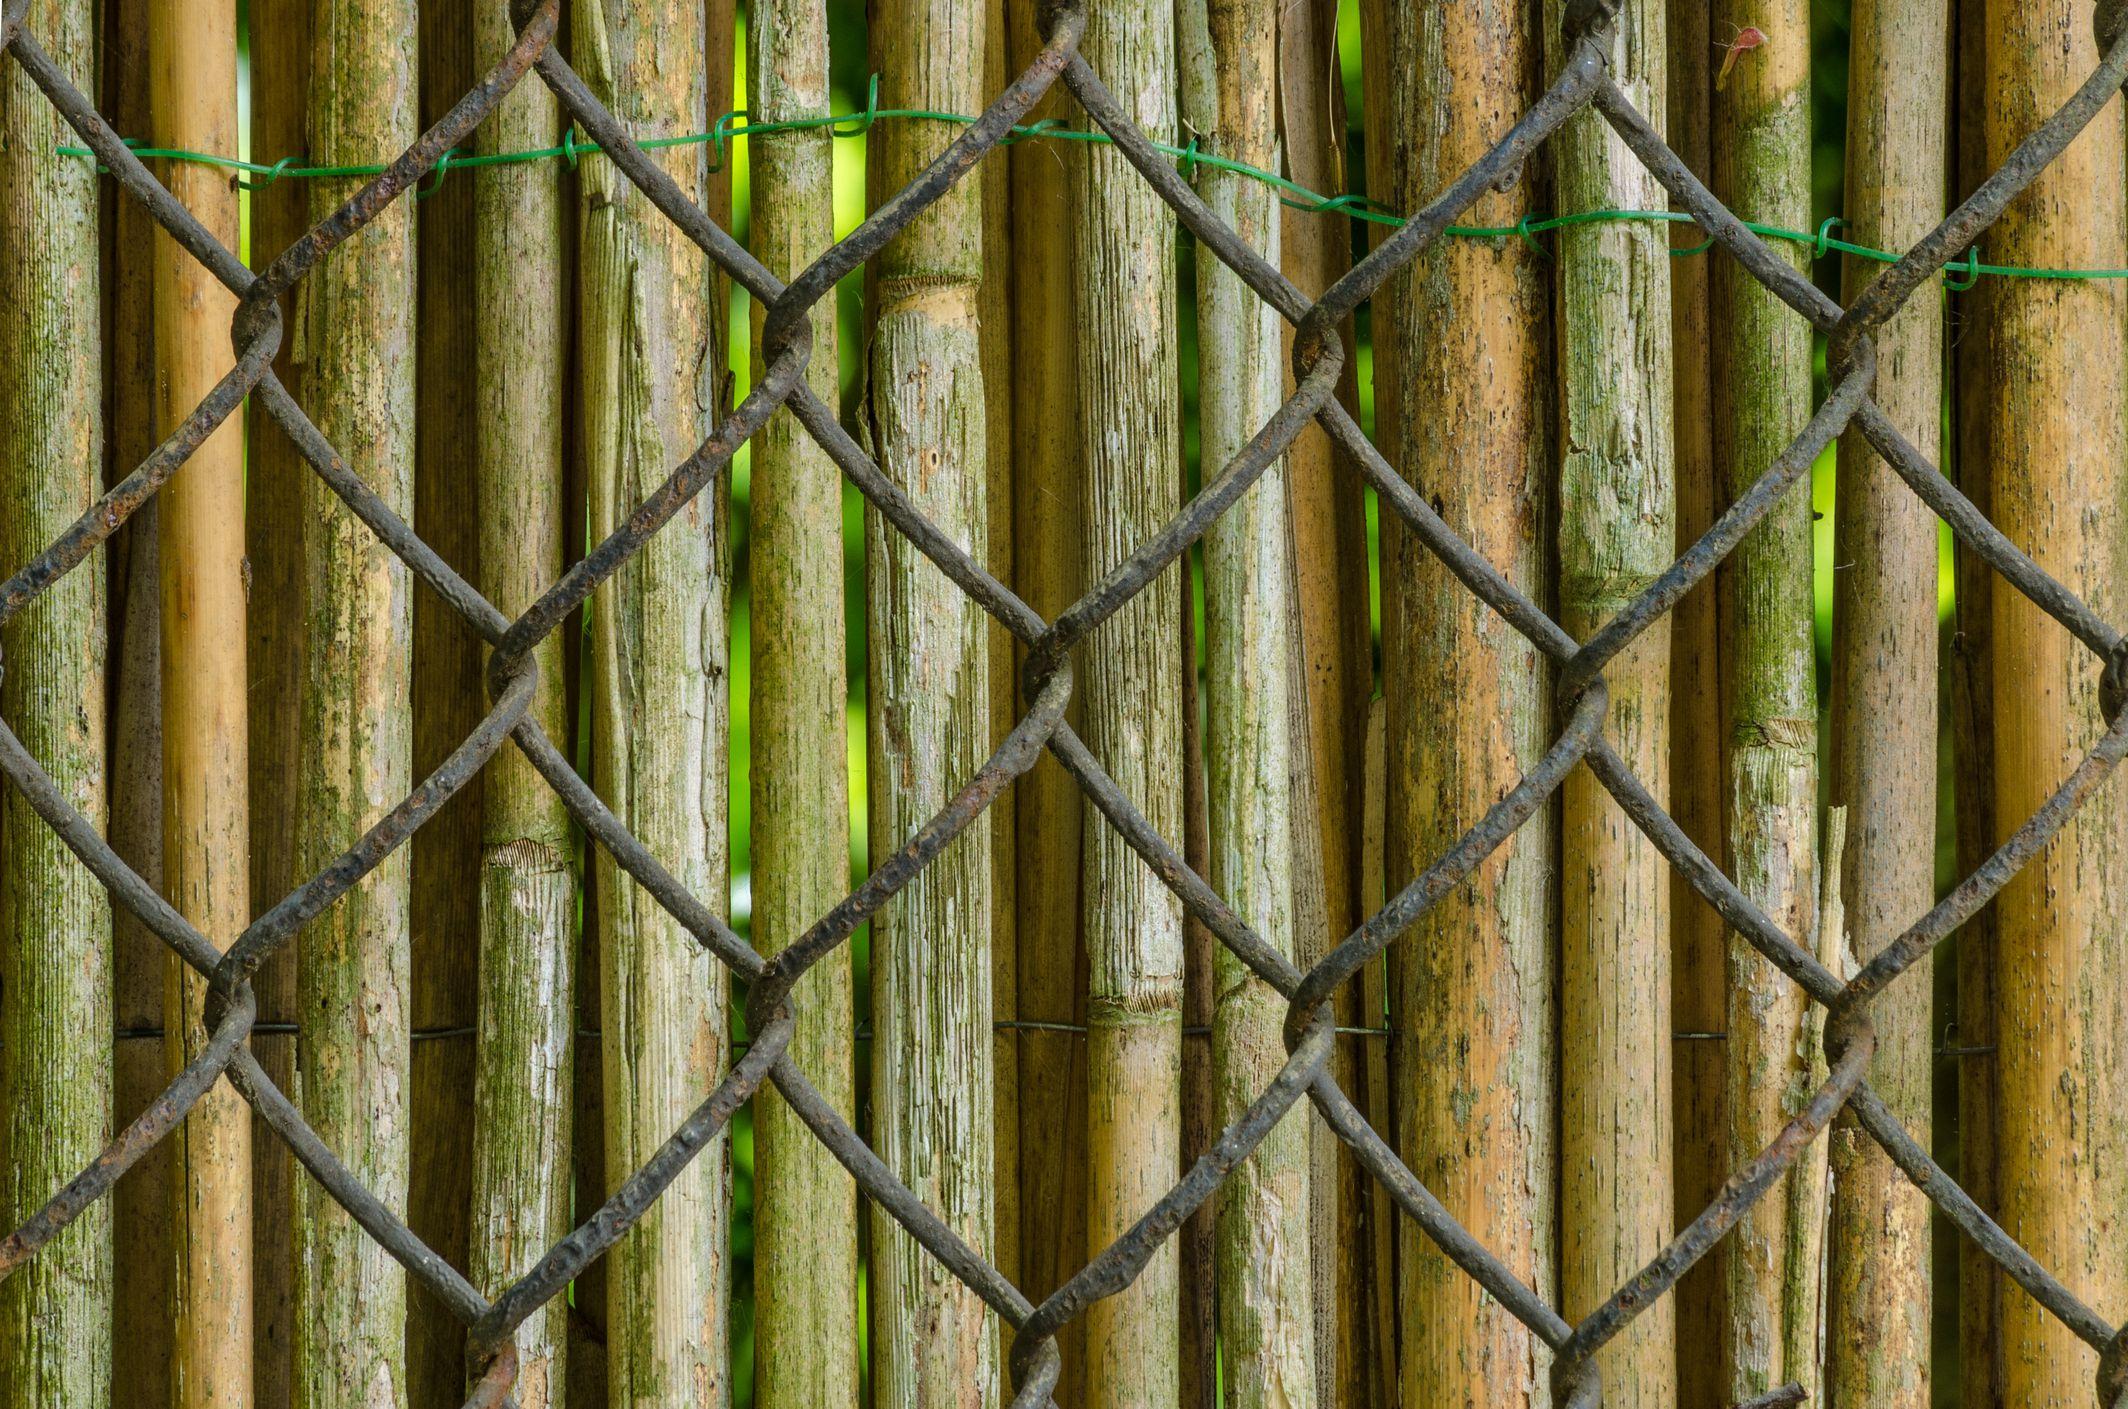 Cerca de bambú sobre cerca de eslabones de cadena